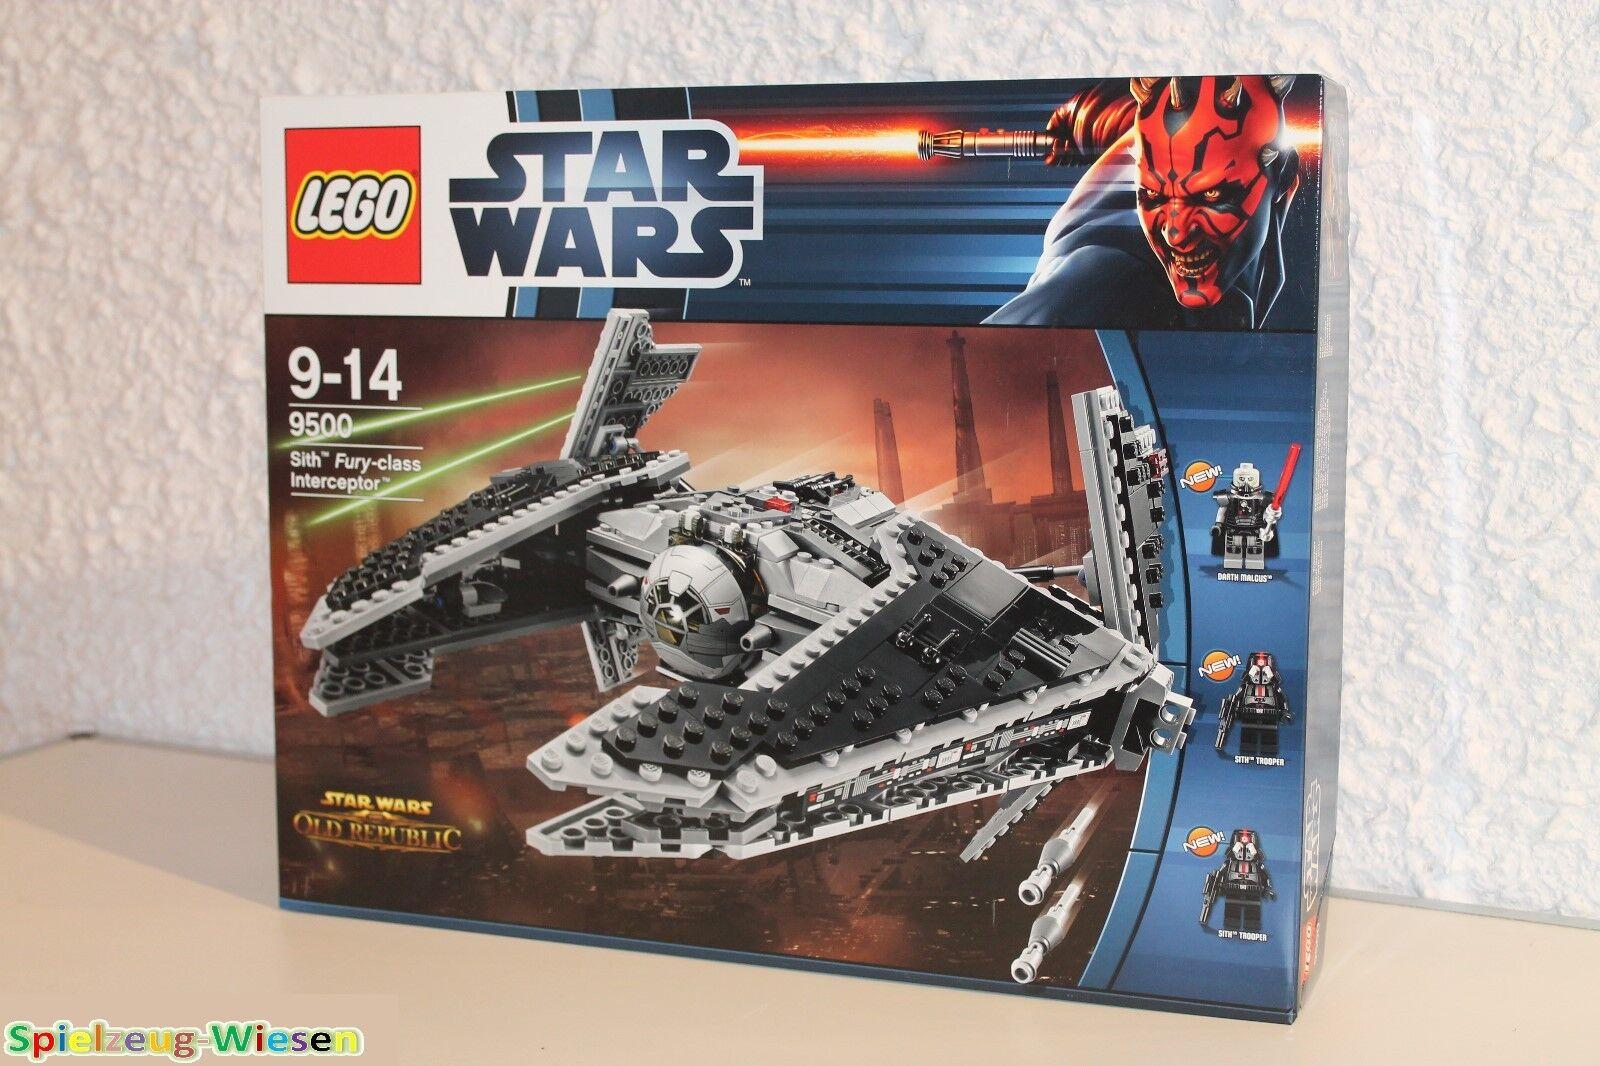 LEGO® STAR WARS™ 9500 Sith™ Fury-class Interceptor™ - NEU & OVP -